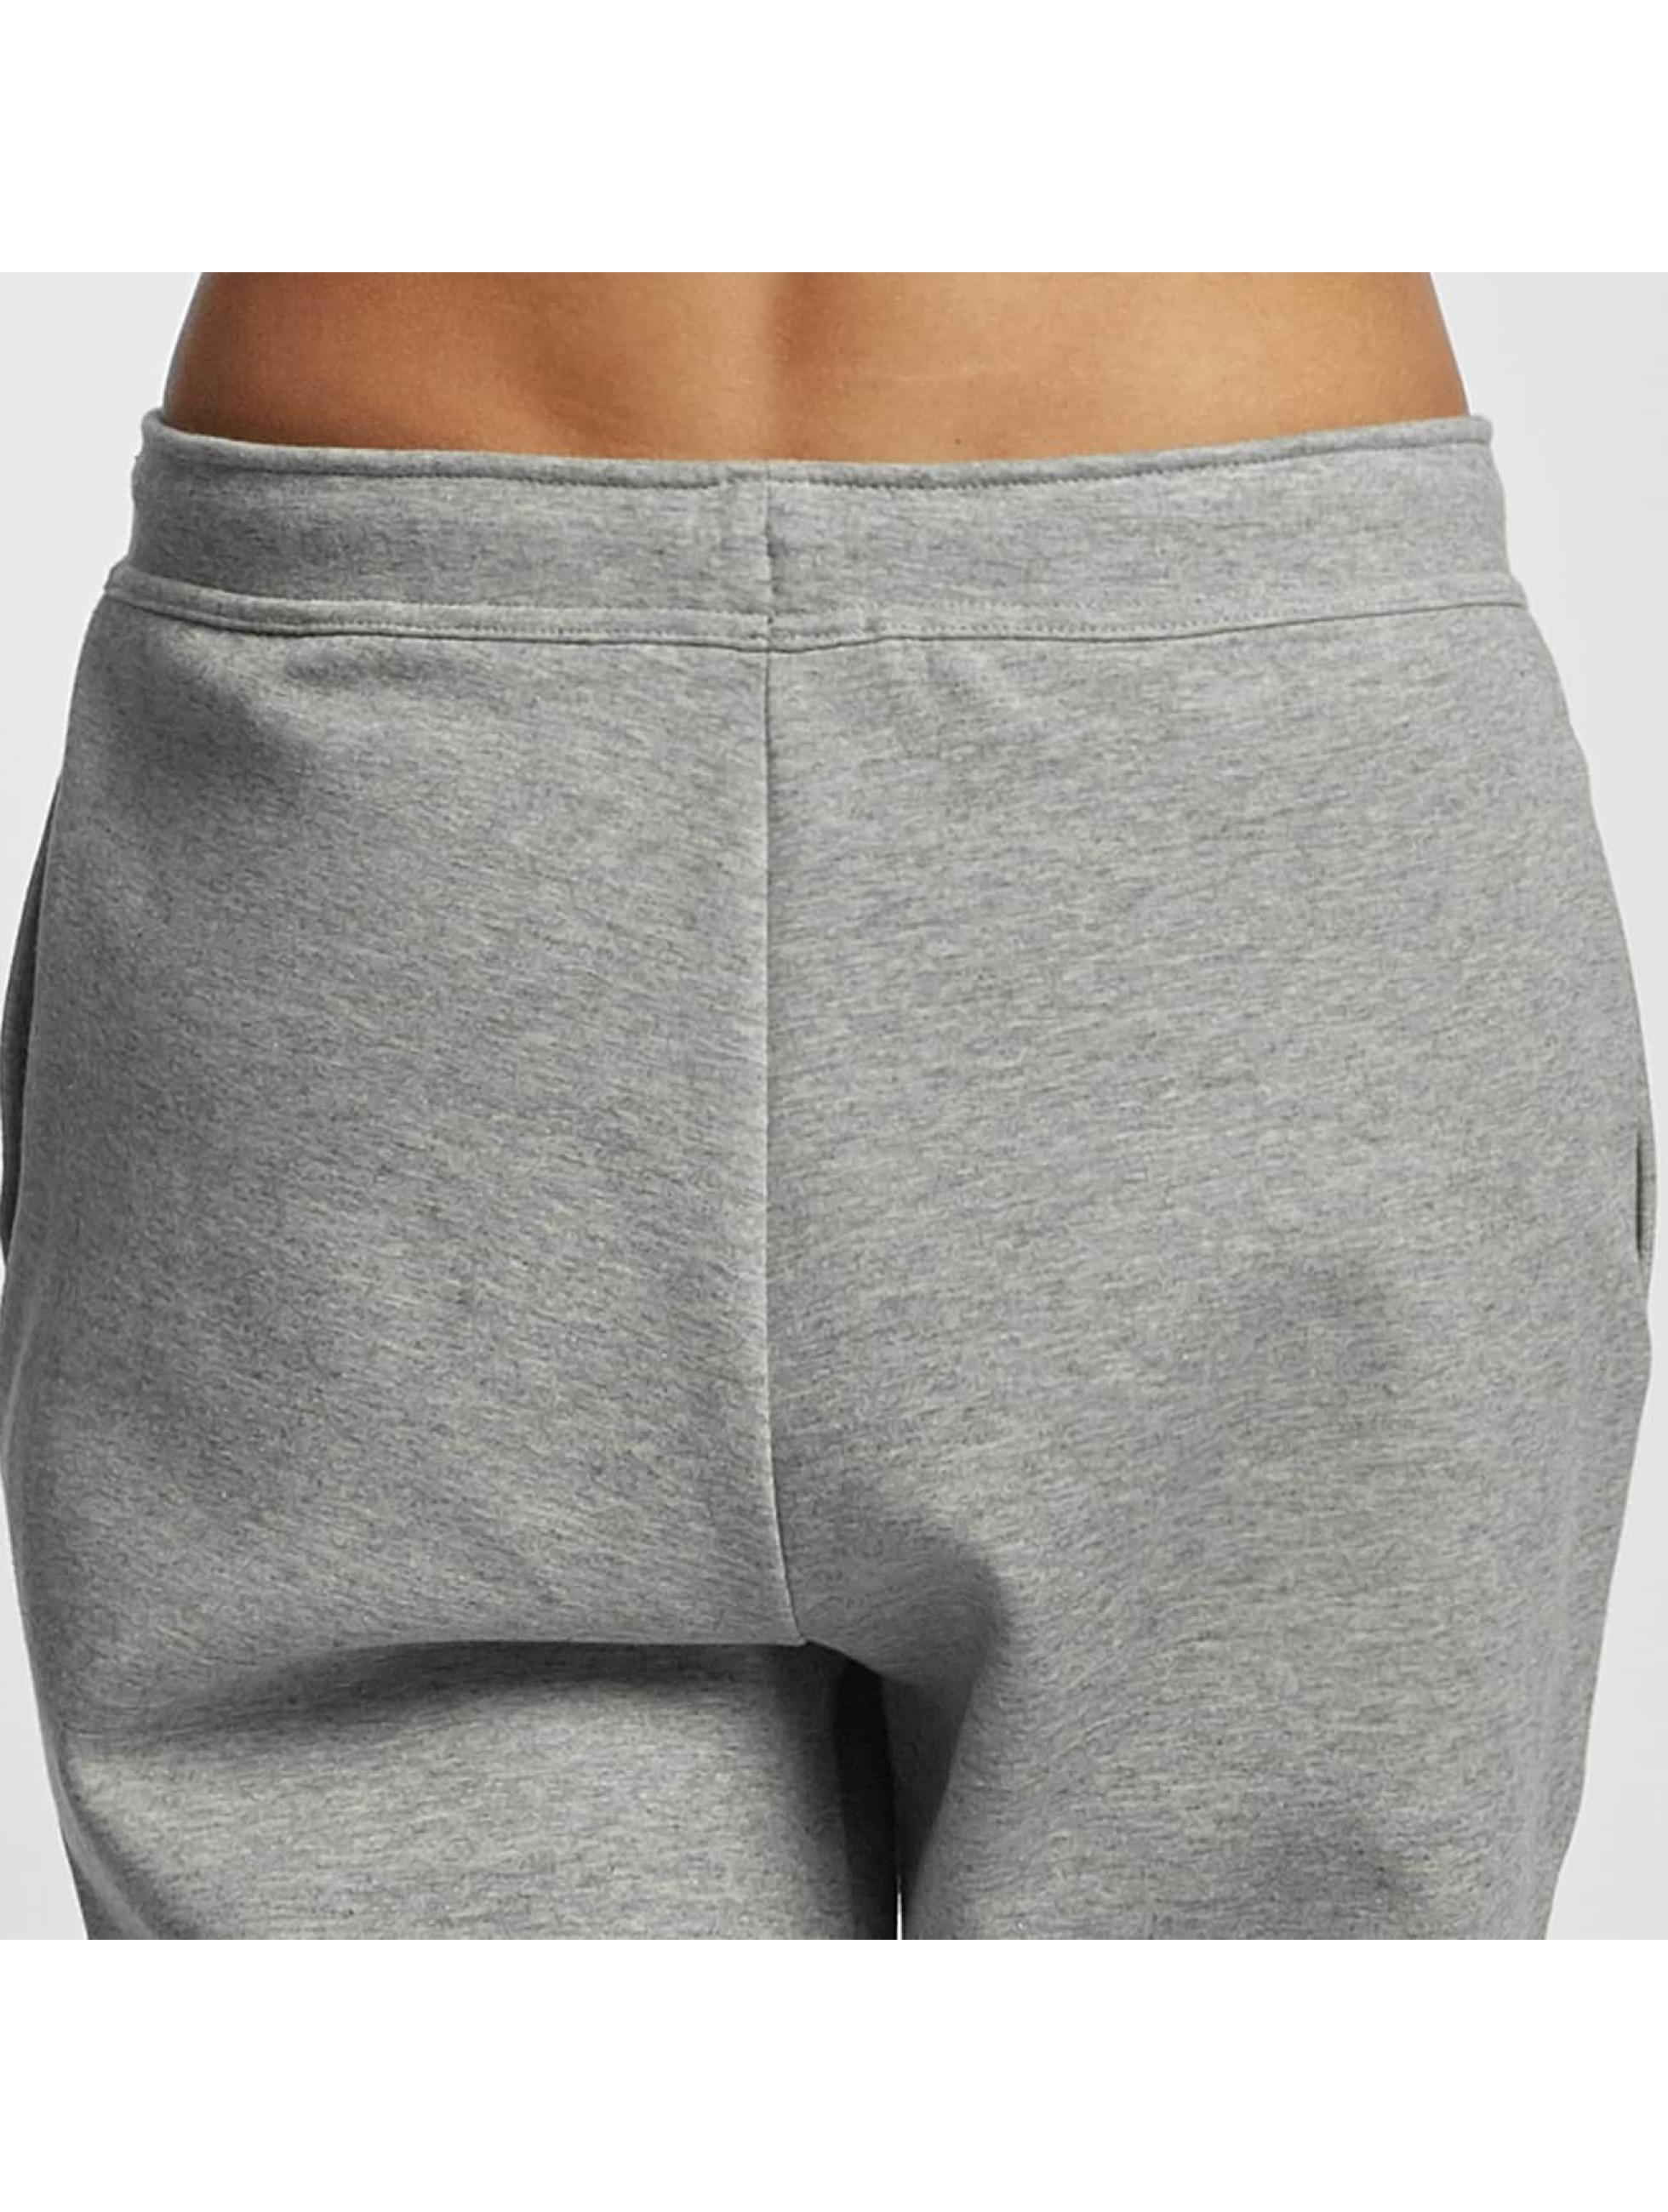 nike damen jogginghose sportswear av15 in grau 336499. Black Bedroom Furniture Sets. Home Design Ideas